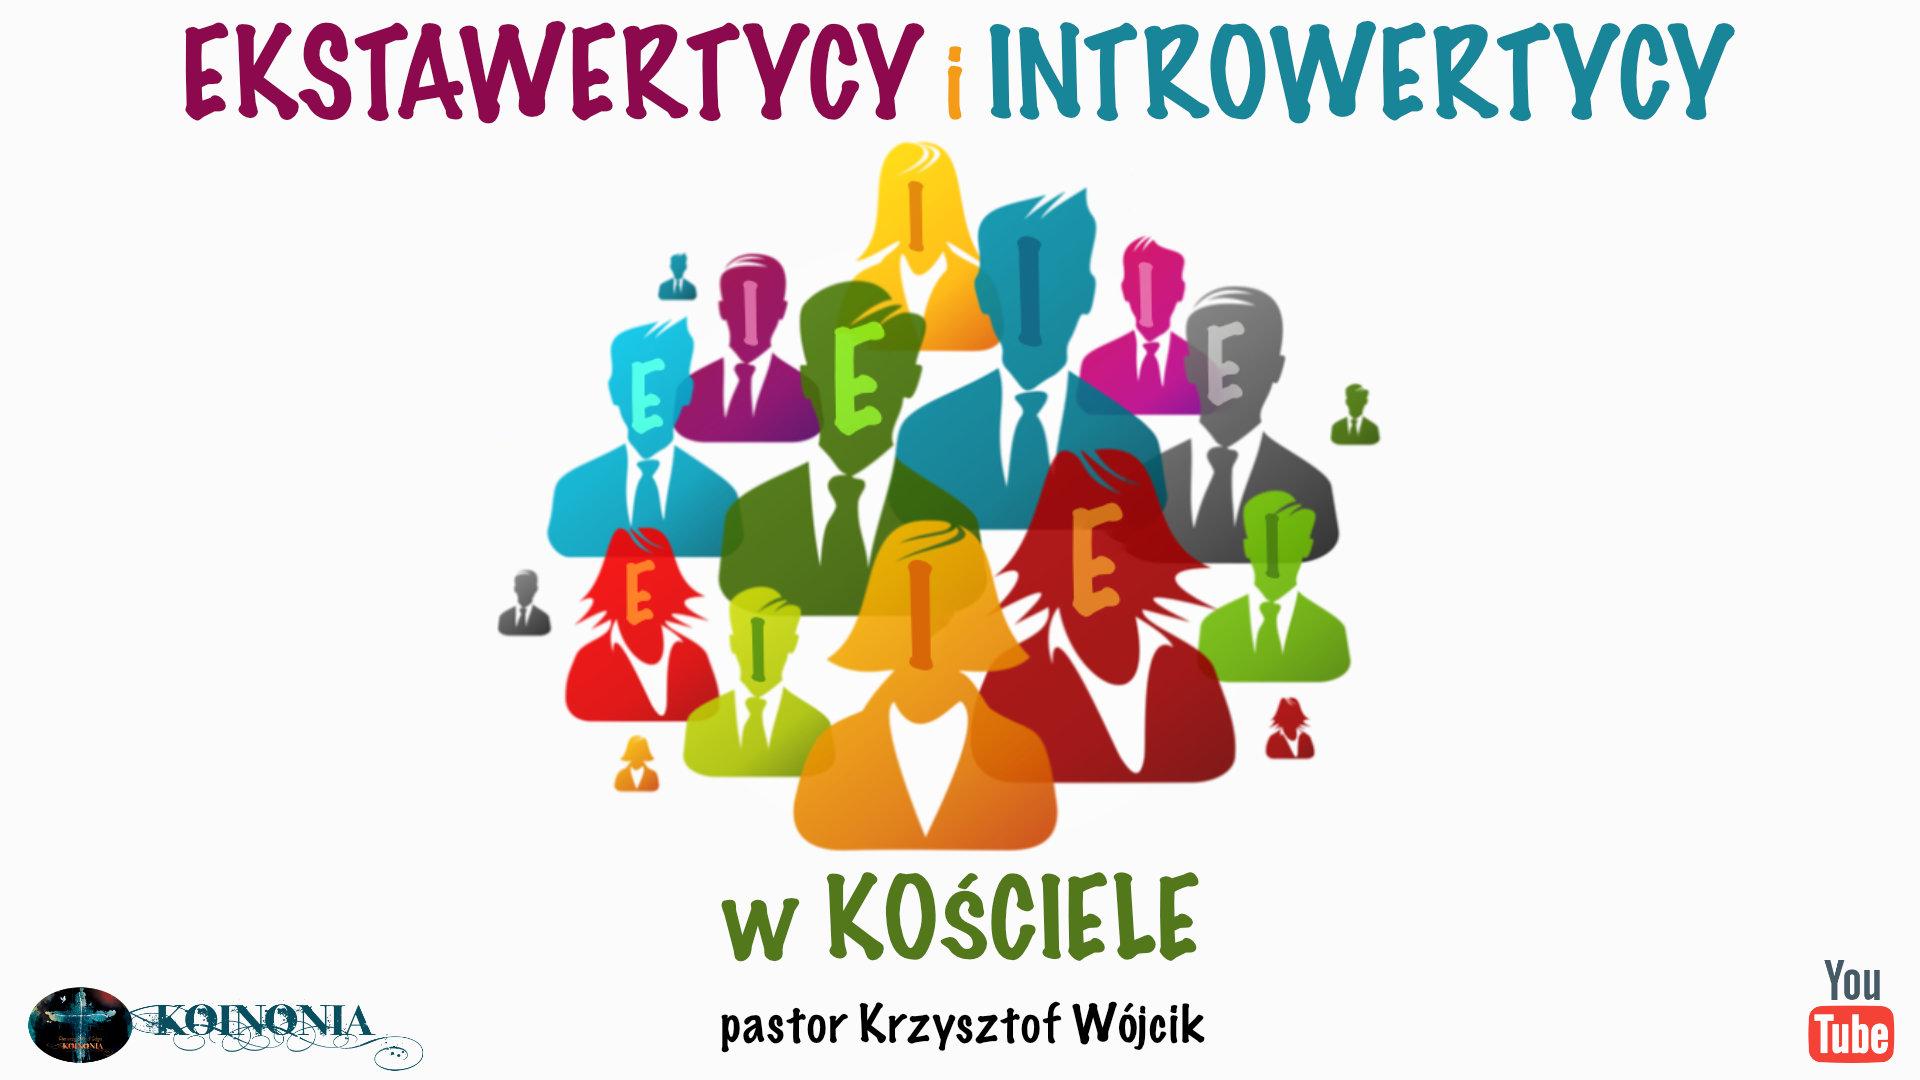 Ekstrawertycy i introwertycy w Kościele